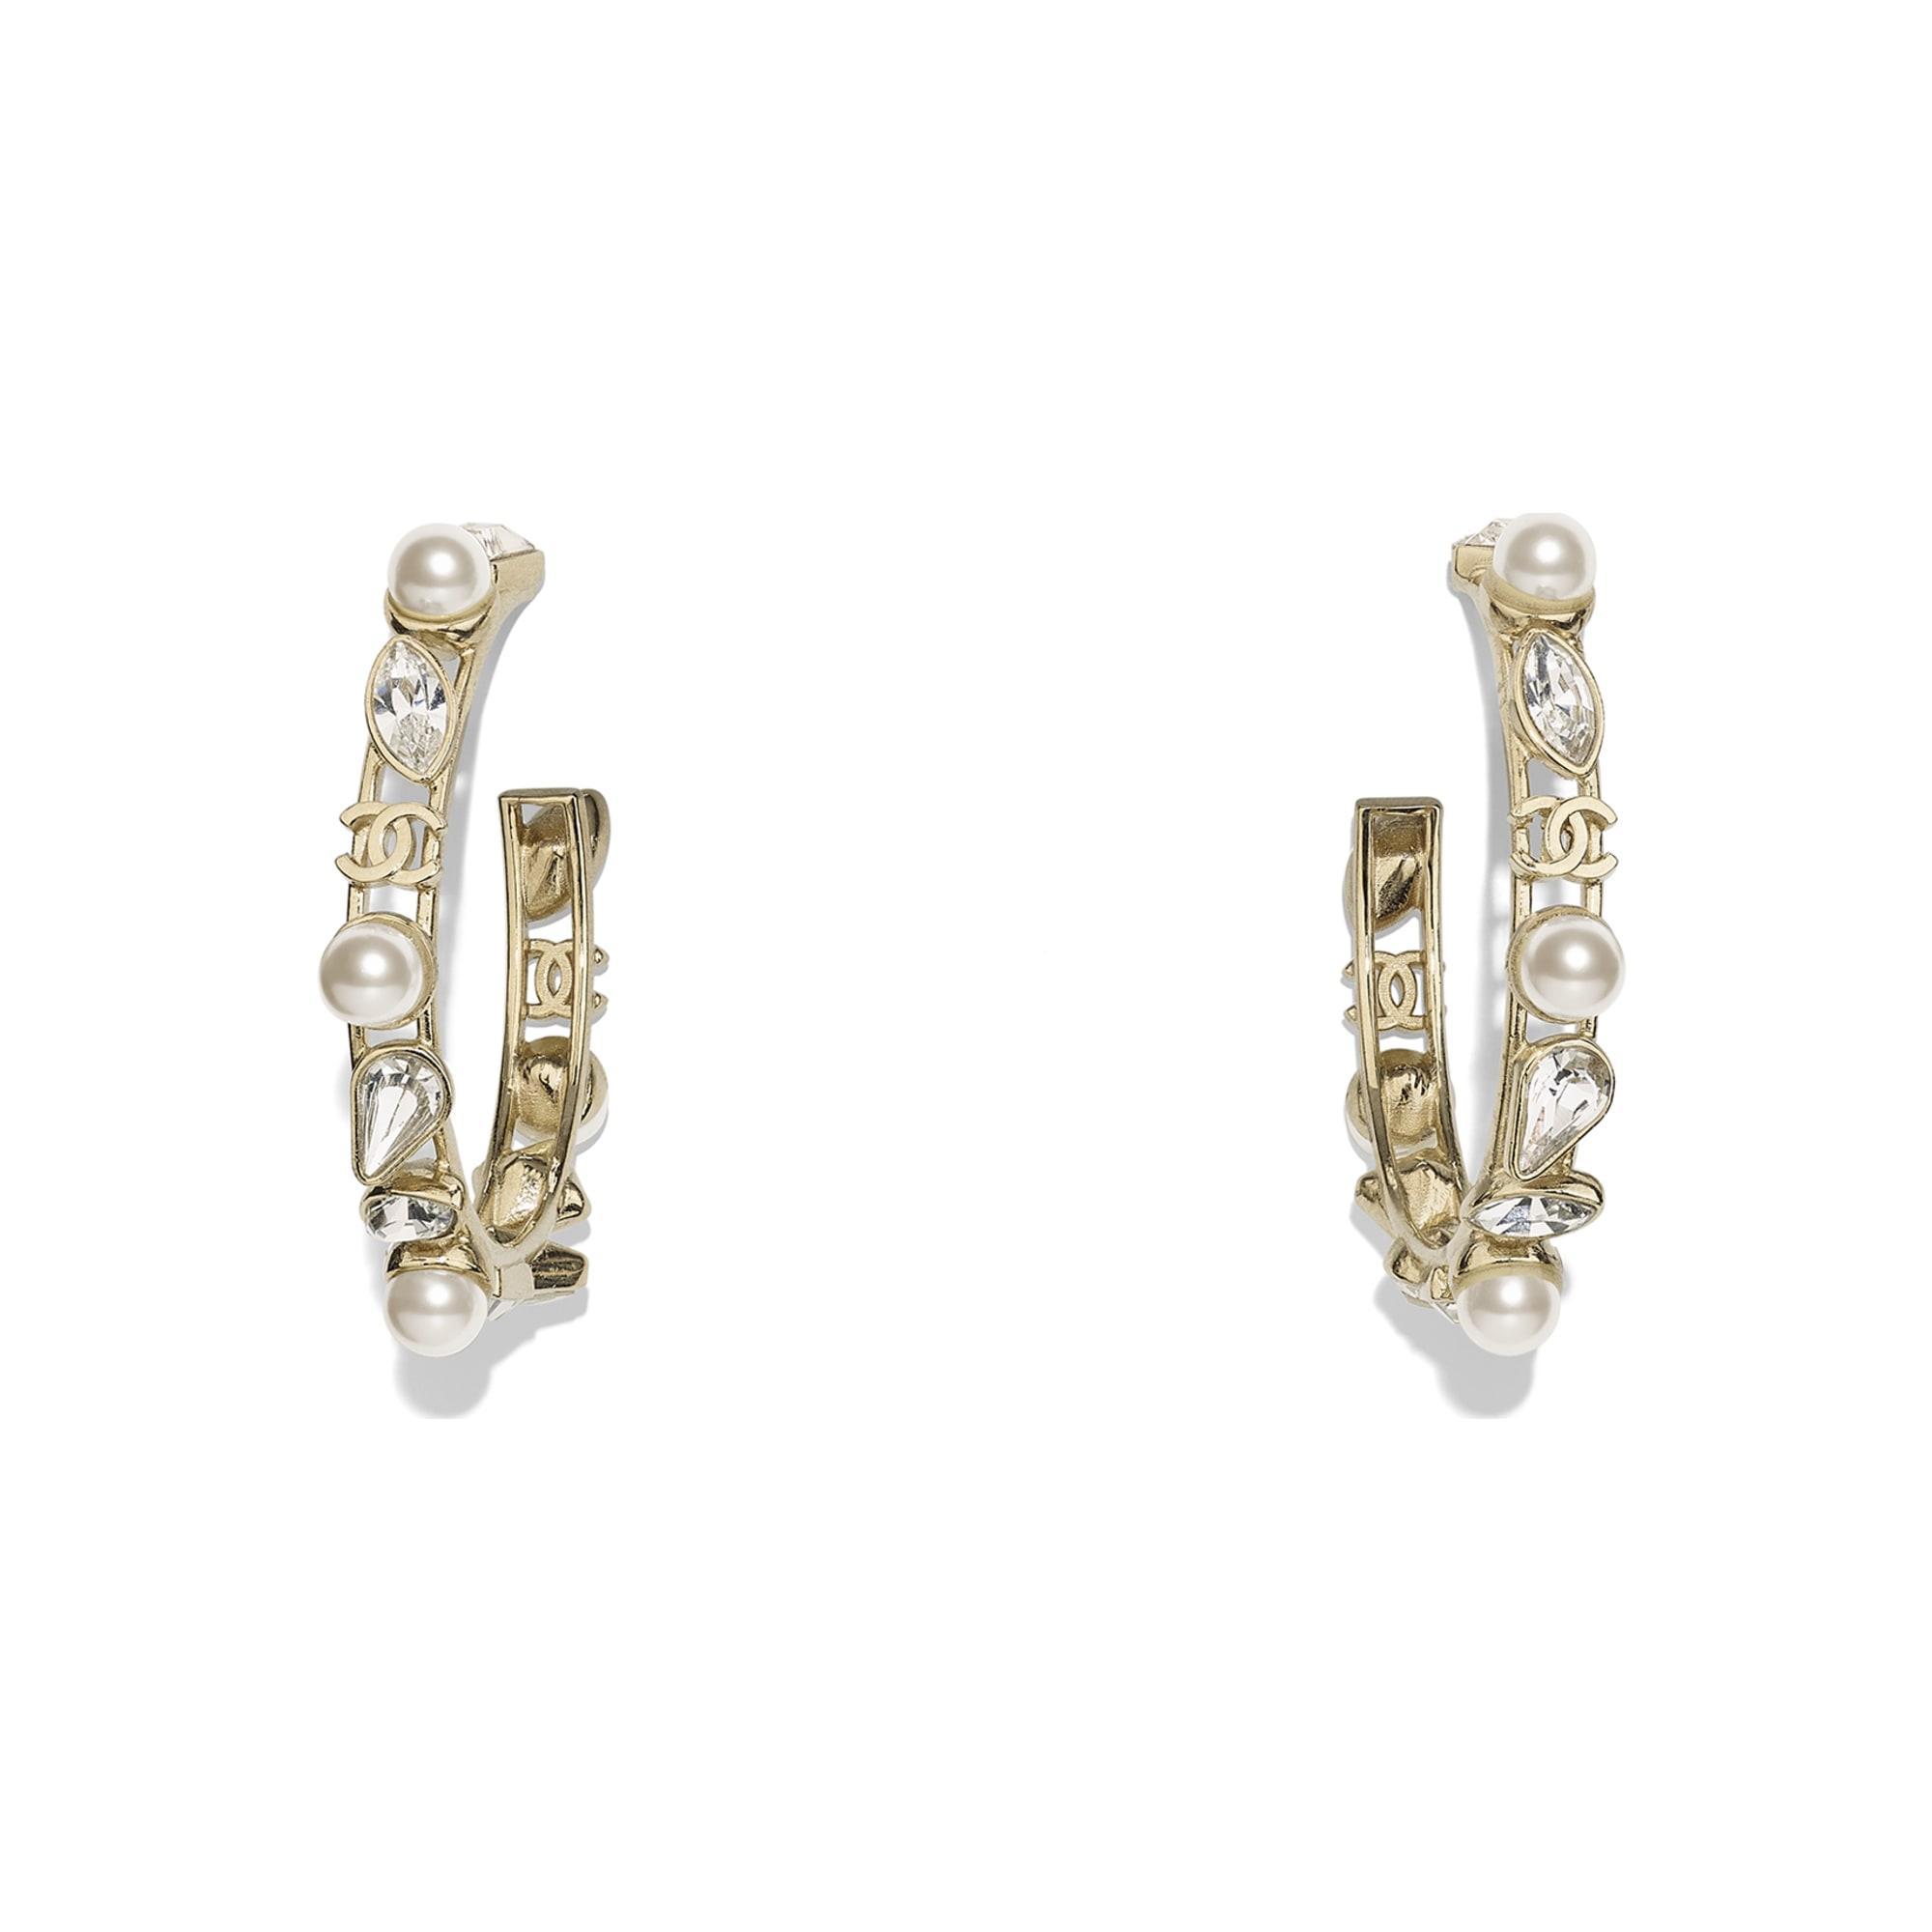 Kolczyki - Kolor złoty, perłowobiały i krystaliczny - Metal, szklane perły i stras - Widok domyślny – zobacz w standardowym rozmiarze